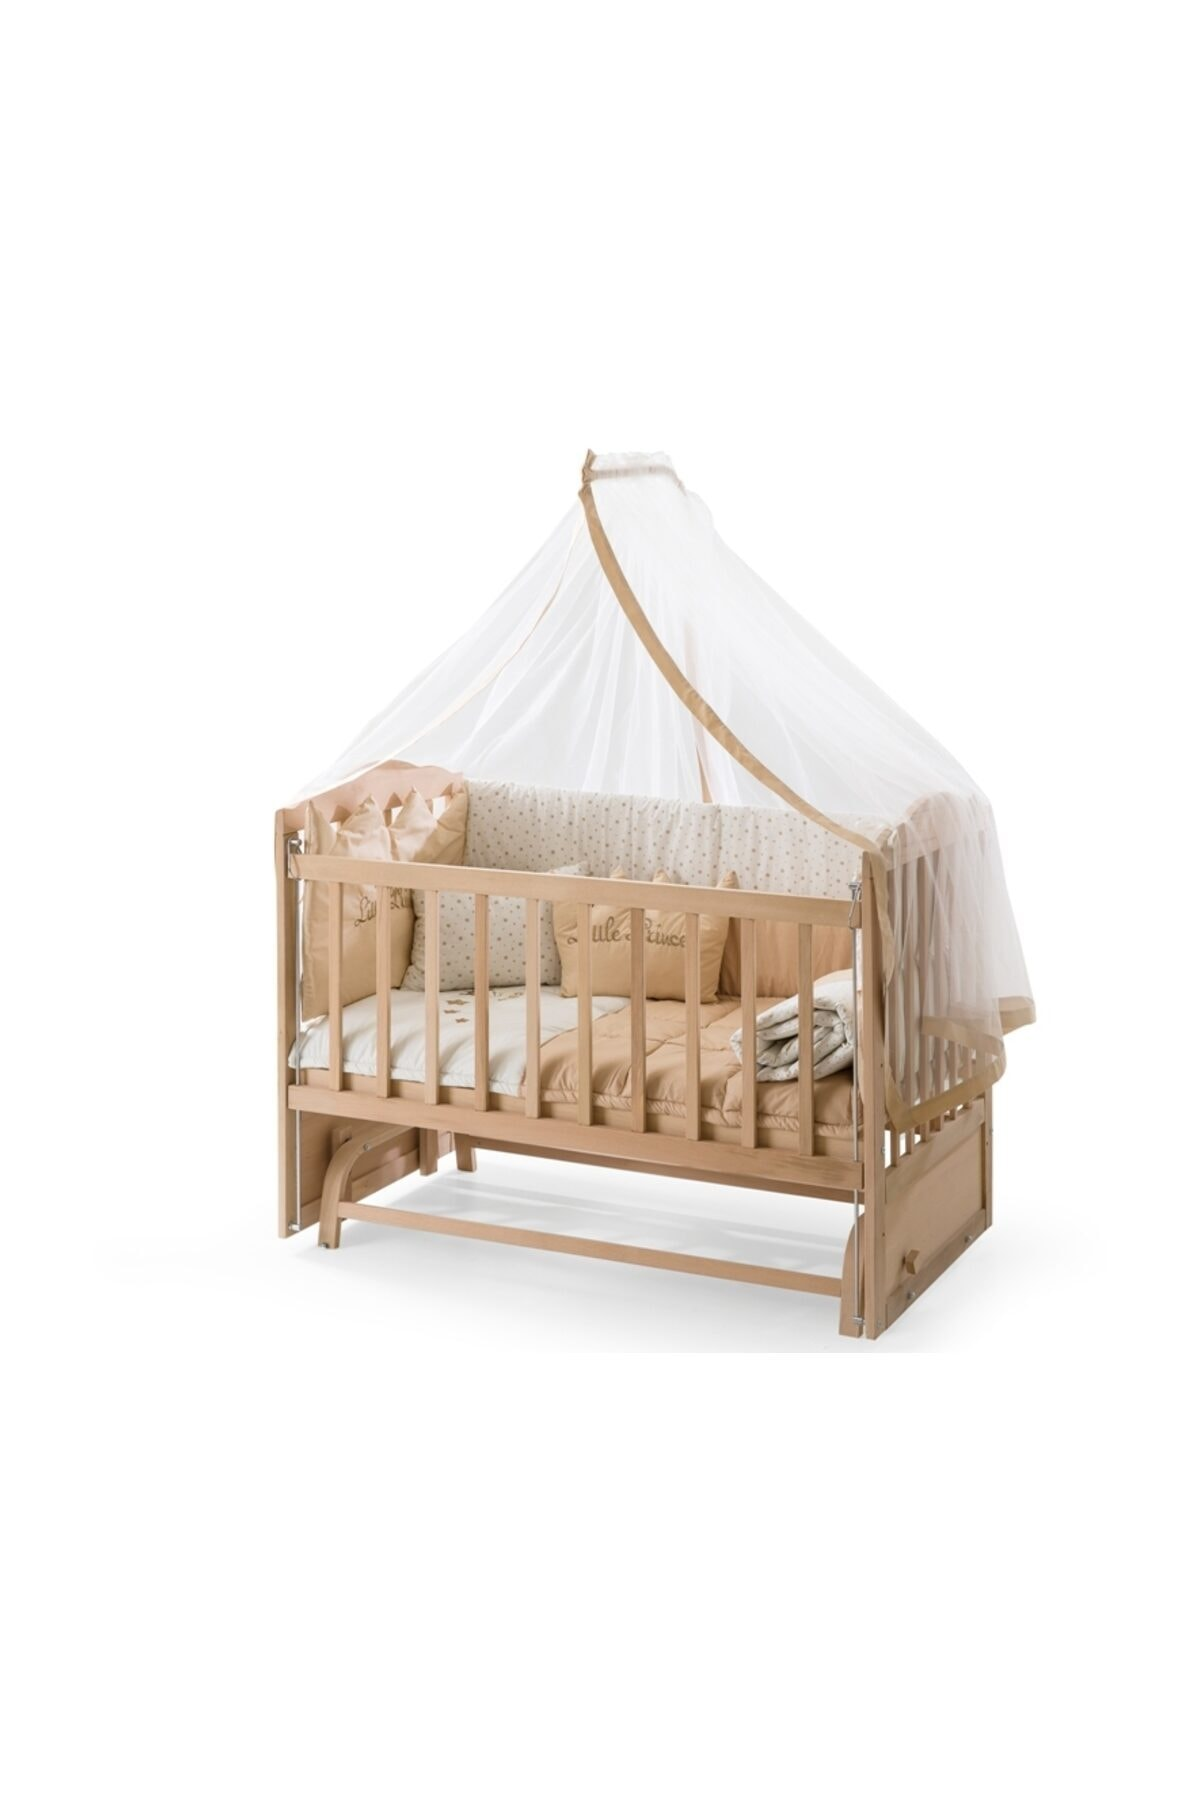 Ahşap Anne Yanı Beşik Sallanır Beşik Organik 60x120 + Krem Prenses Uyku Seti + Yatak + Tekerlek